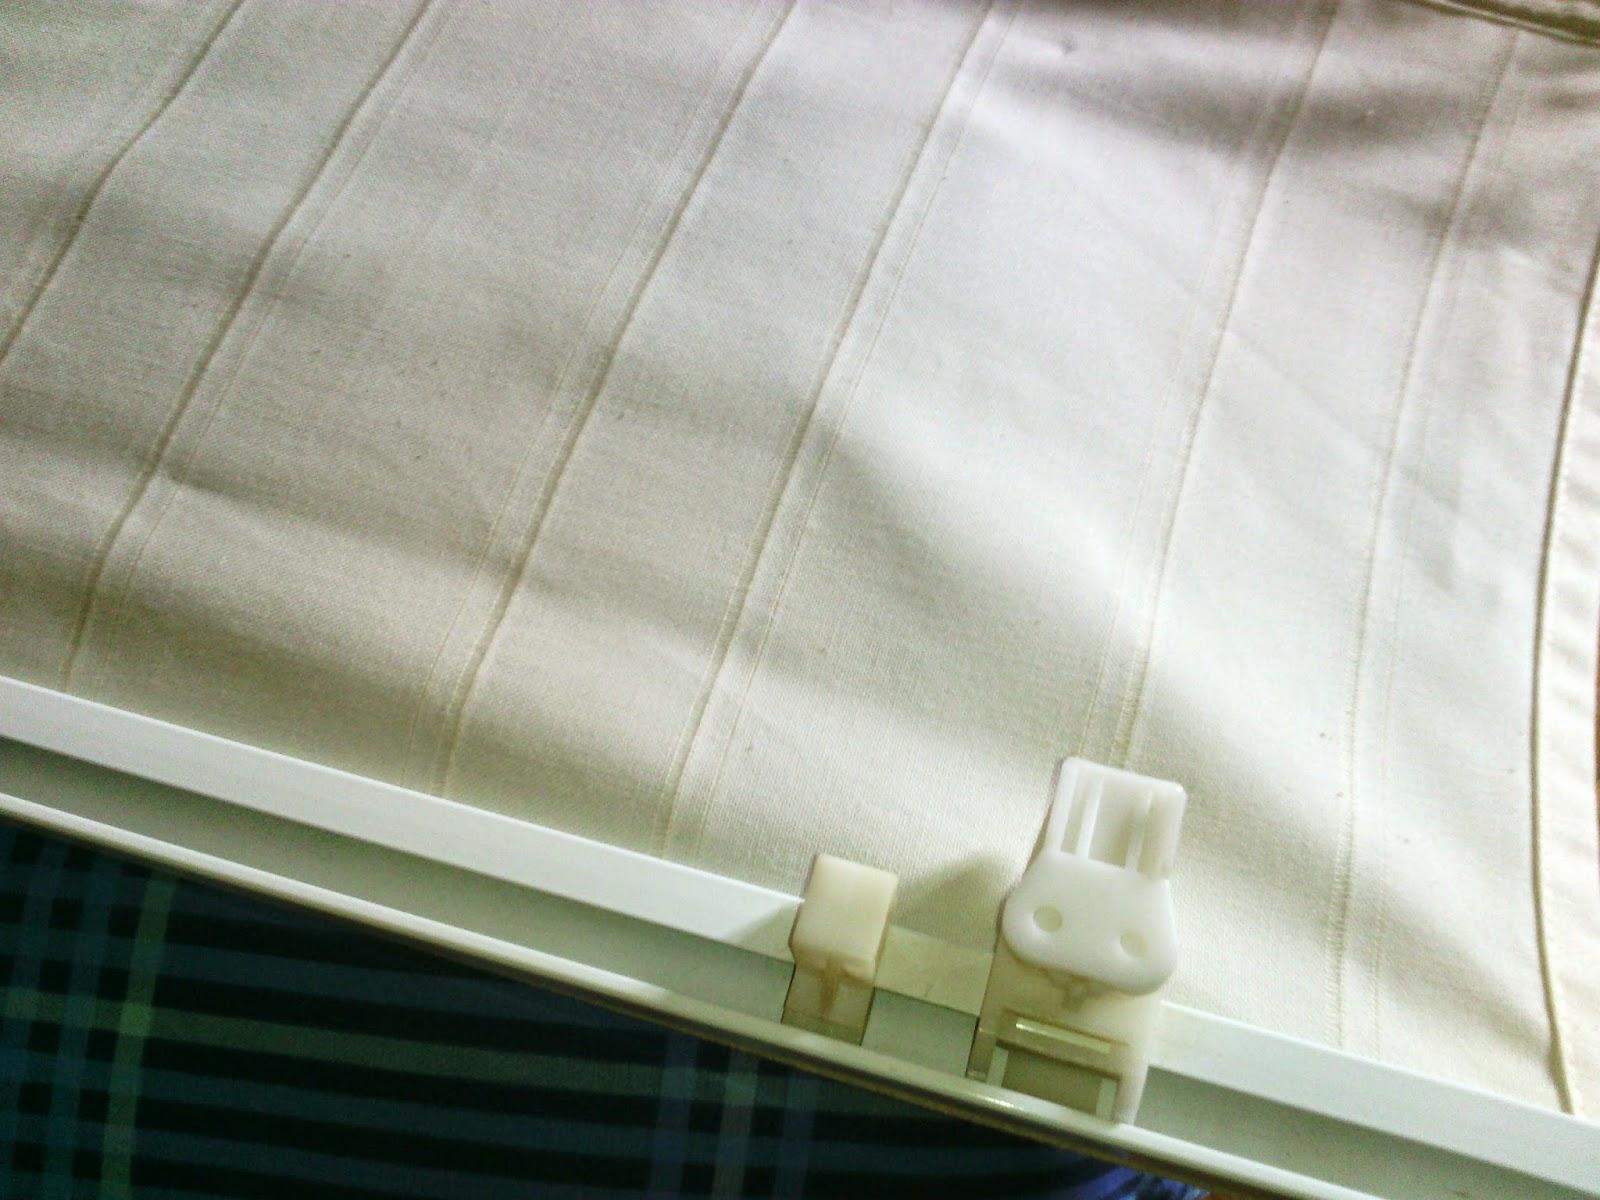 ideas isalovir como pasar las cuerdas de un estor